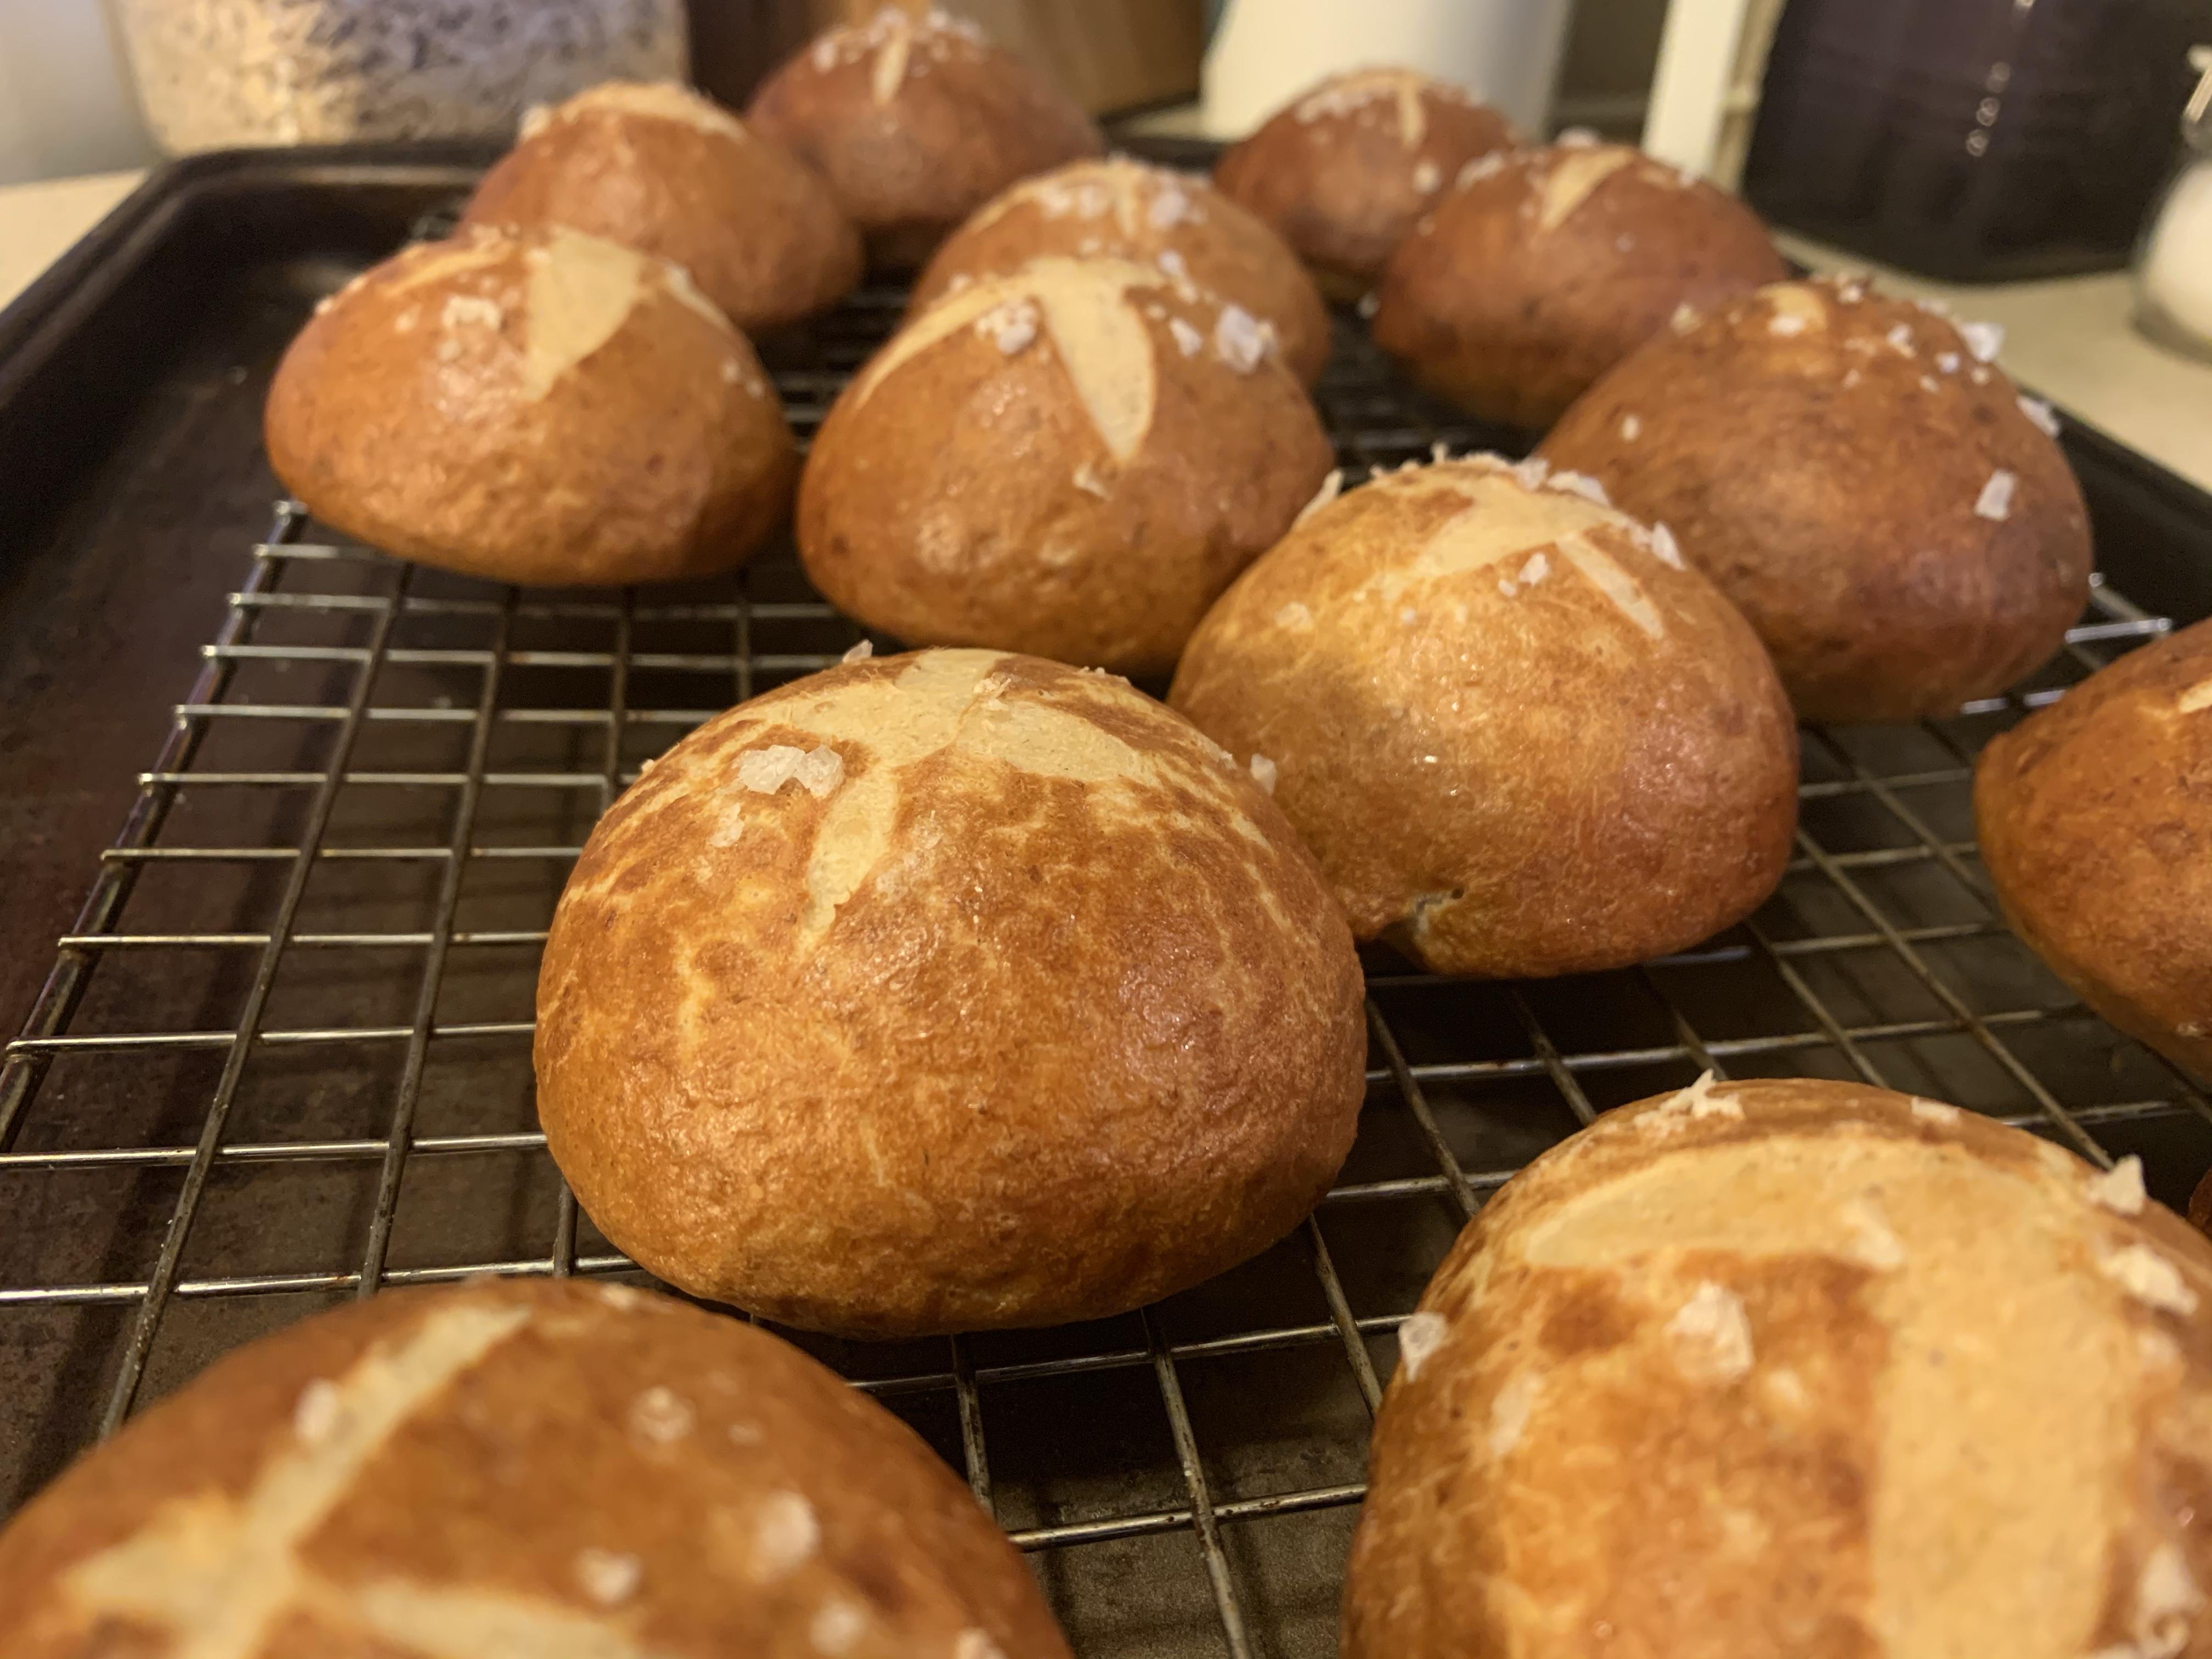 Up close shot of pretzel rolls on baking rack.